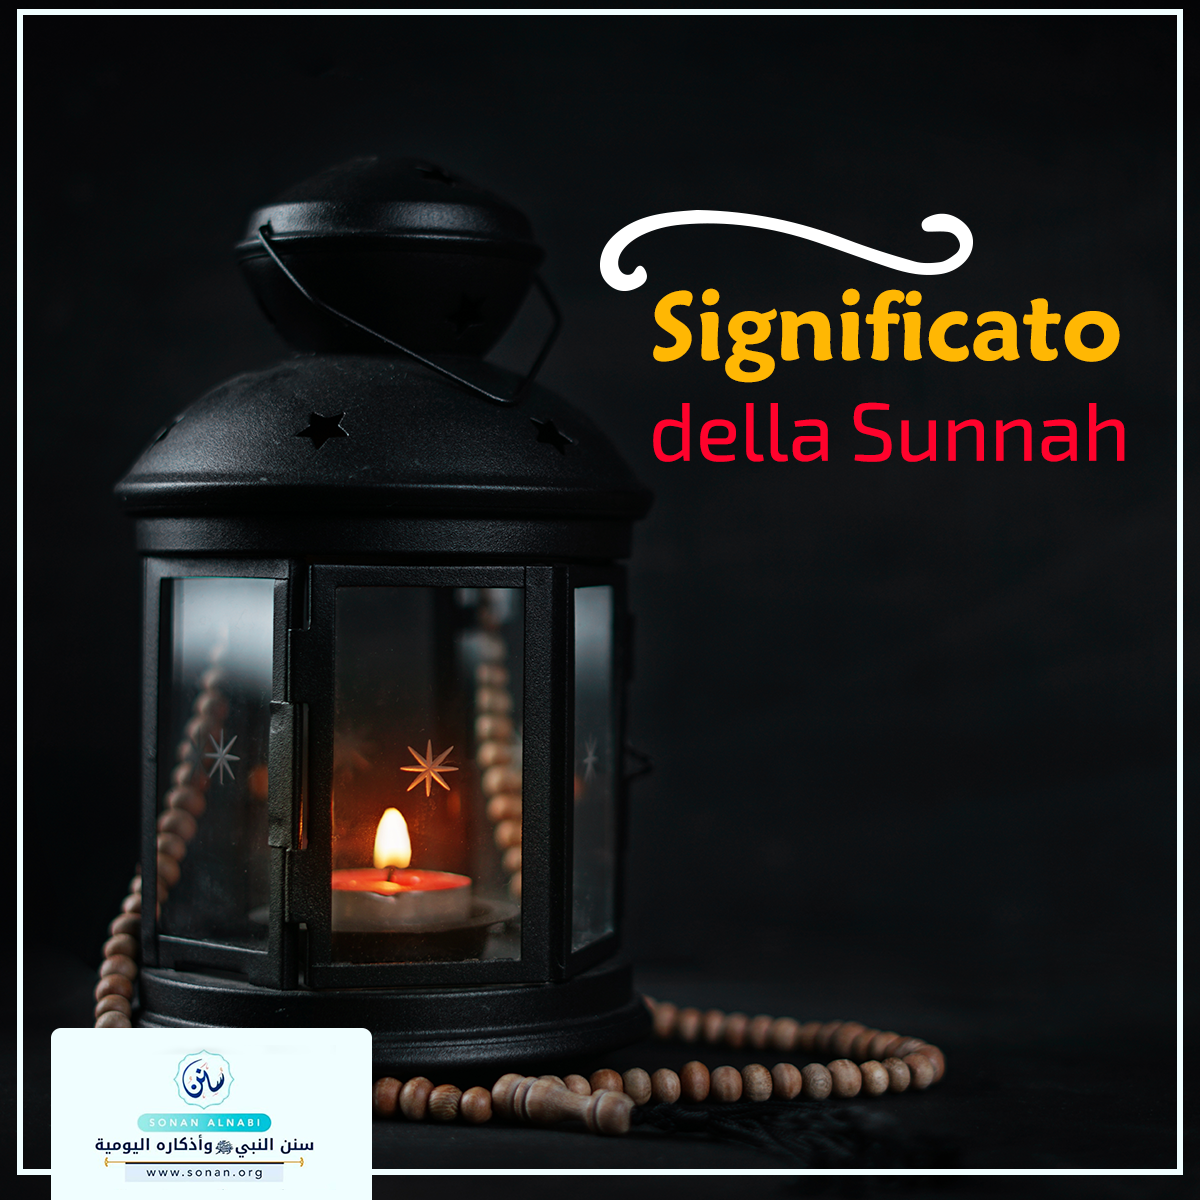 Significato della Sunnah